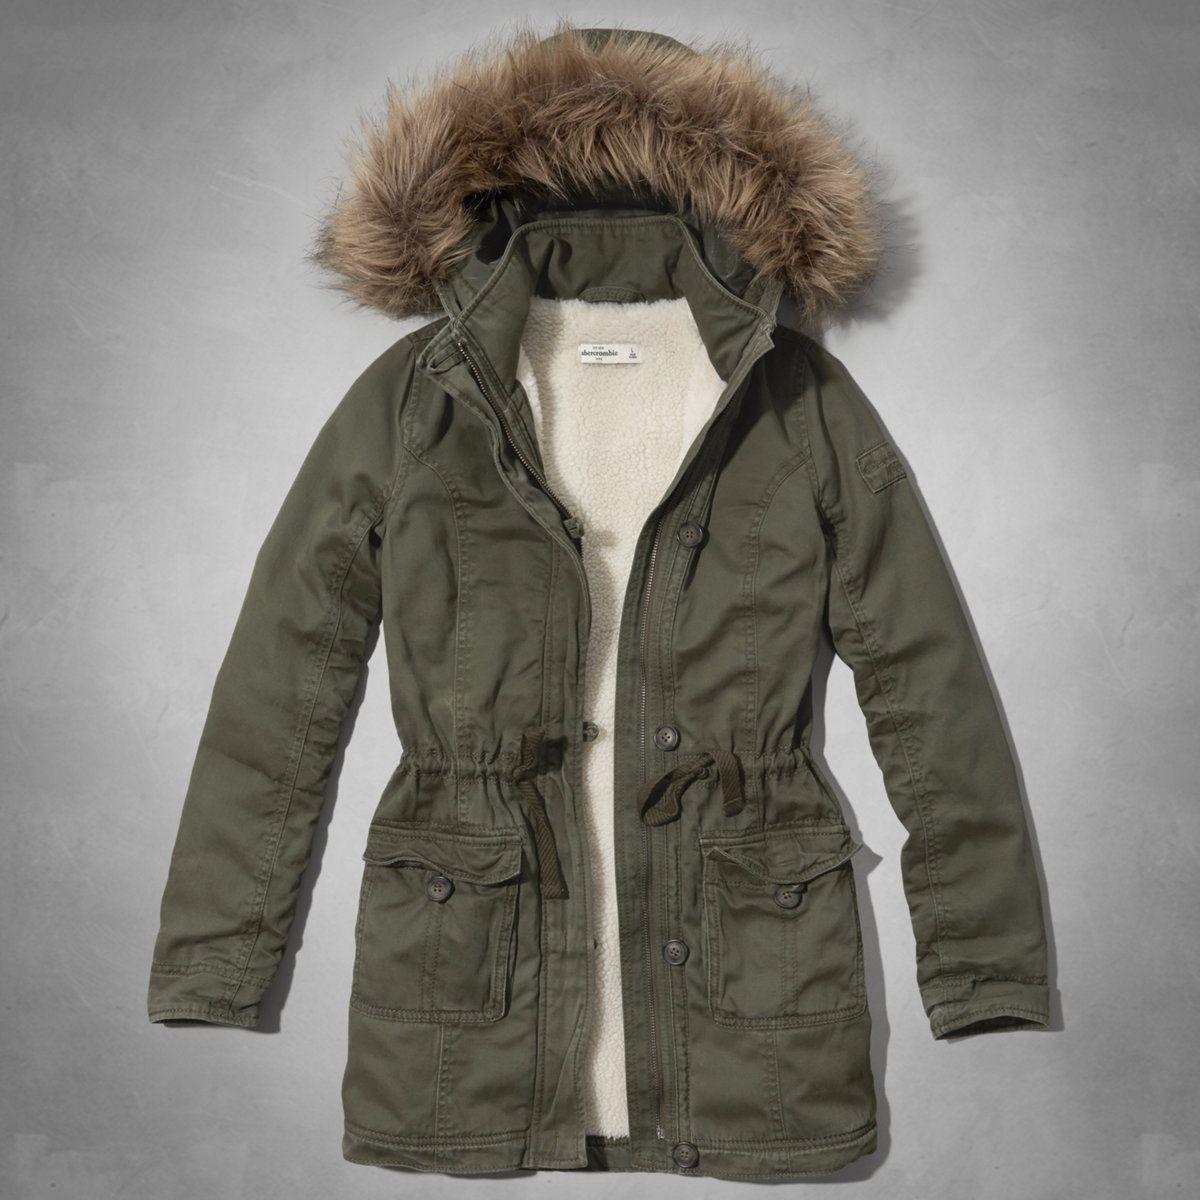 Girls Sherpa Lined Parka Girls Outerwear Abercrombiekids Com Outerwear Jackets Girls Parka Kids Outfits [ 1200 x 1200 Pixel ]